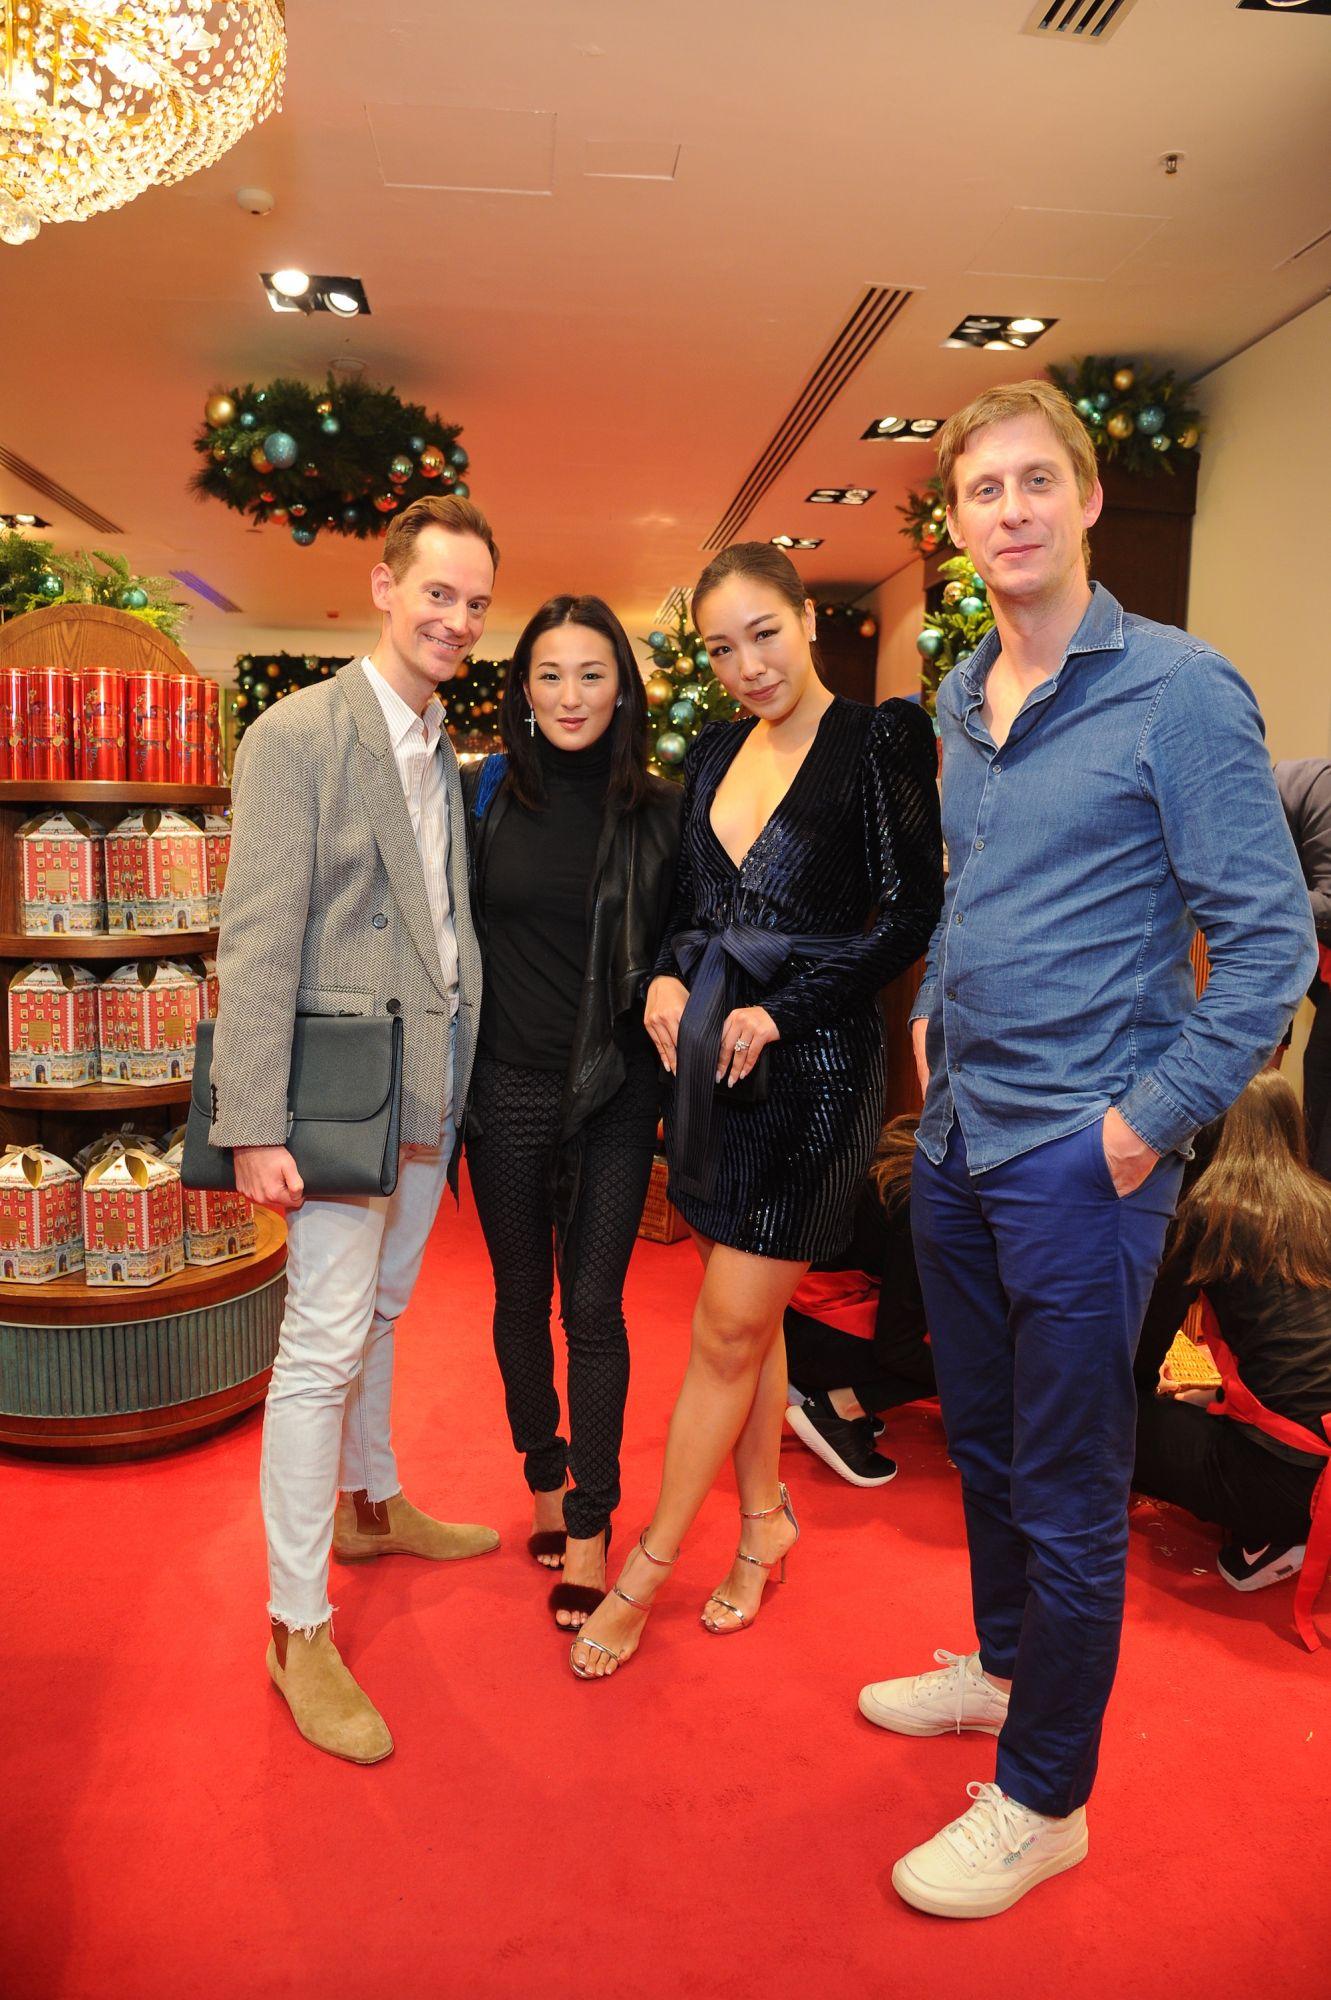 Arne Eggers, Antonia Li, Feiping Chang, Jake Astor